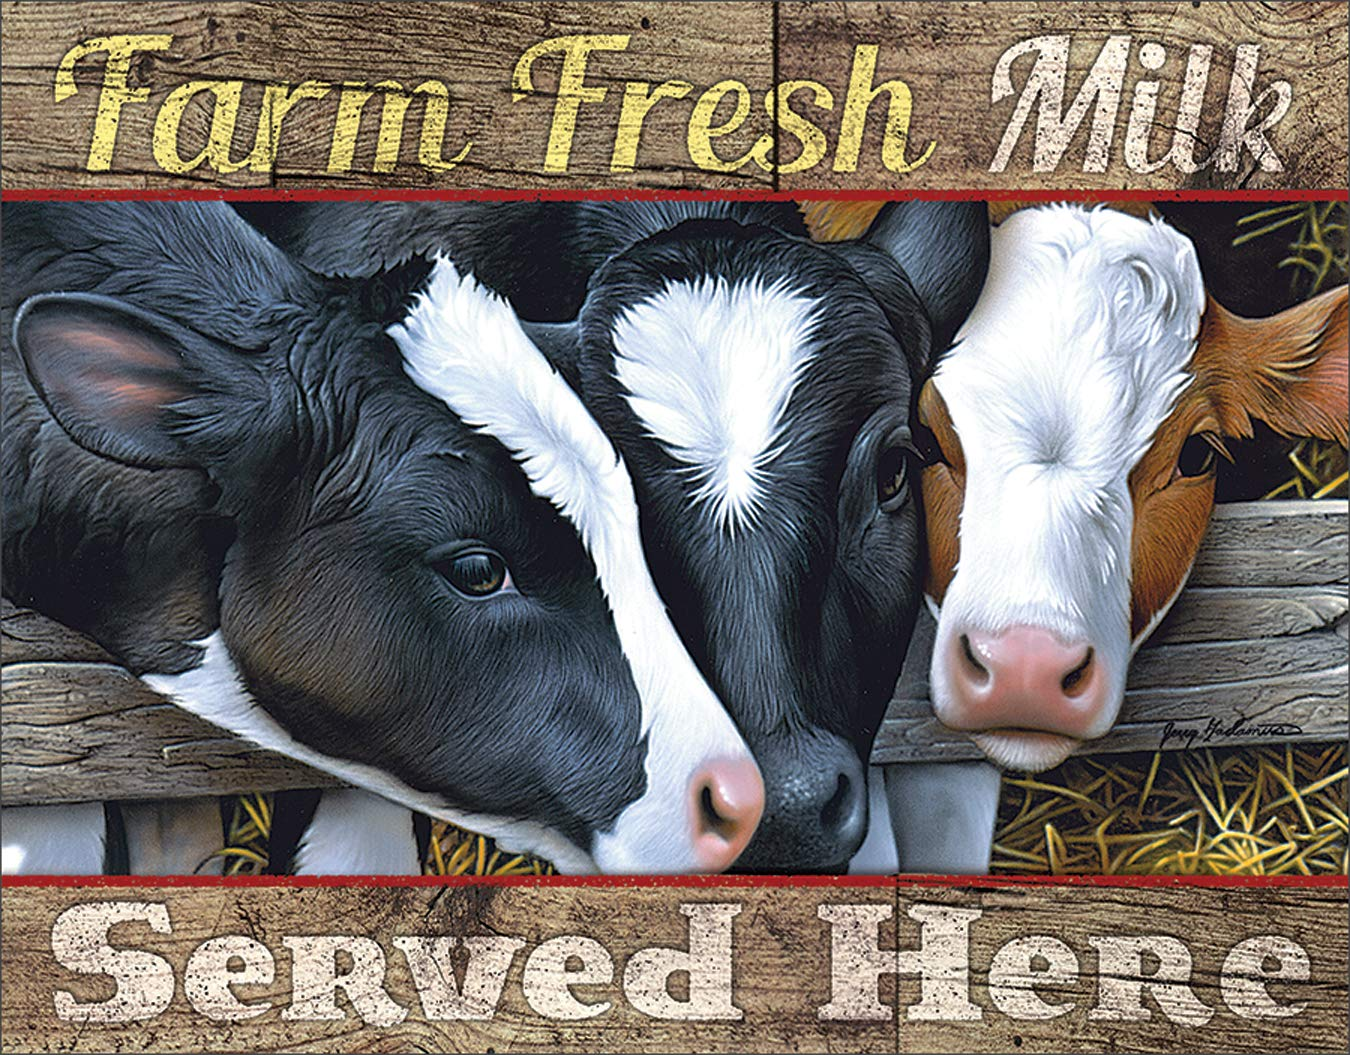 Desperate Enterprises Farm Fresh Milk Tin Sign 16 W X 12 5 H Home Decor Home Decor Artikelen van desperate enterprises koop je eenvoudig online bij bol.com ✓ snel in huis ✓ gratis verzonden. kazza